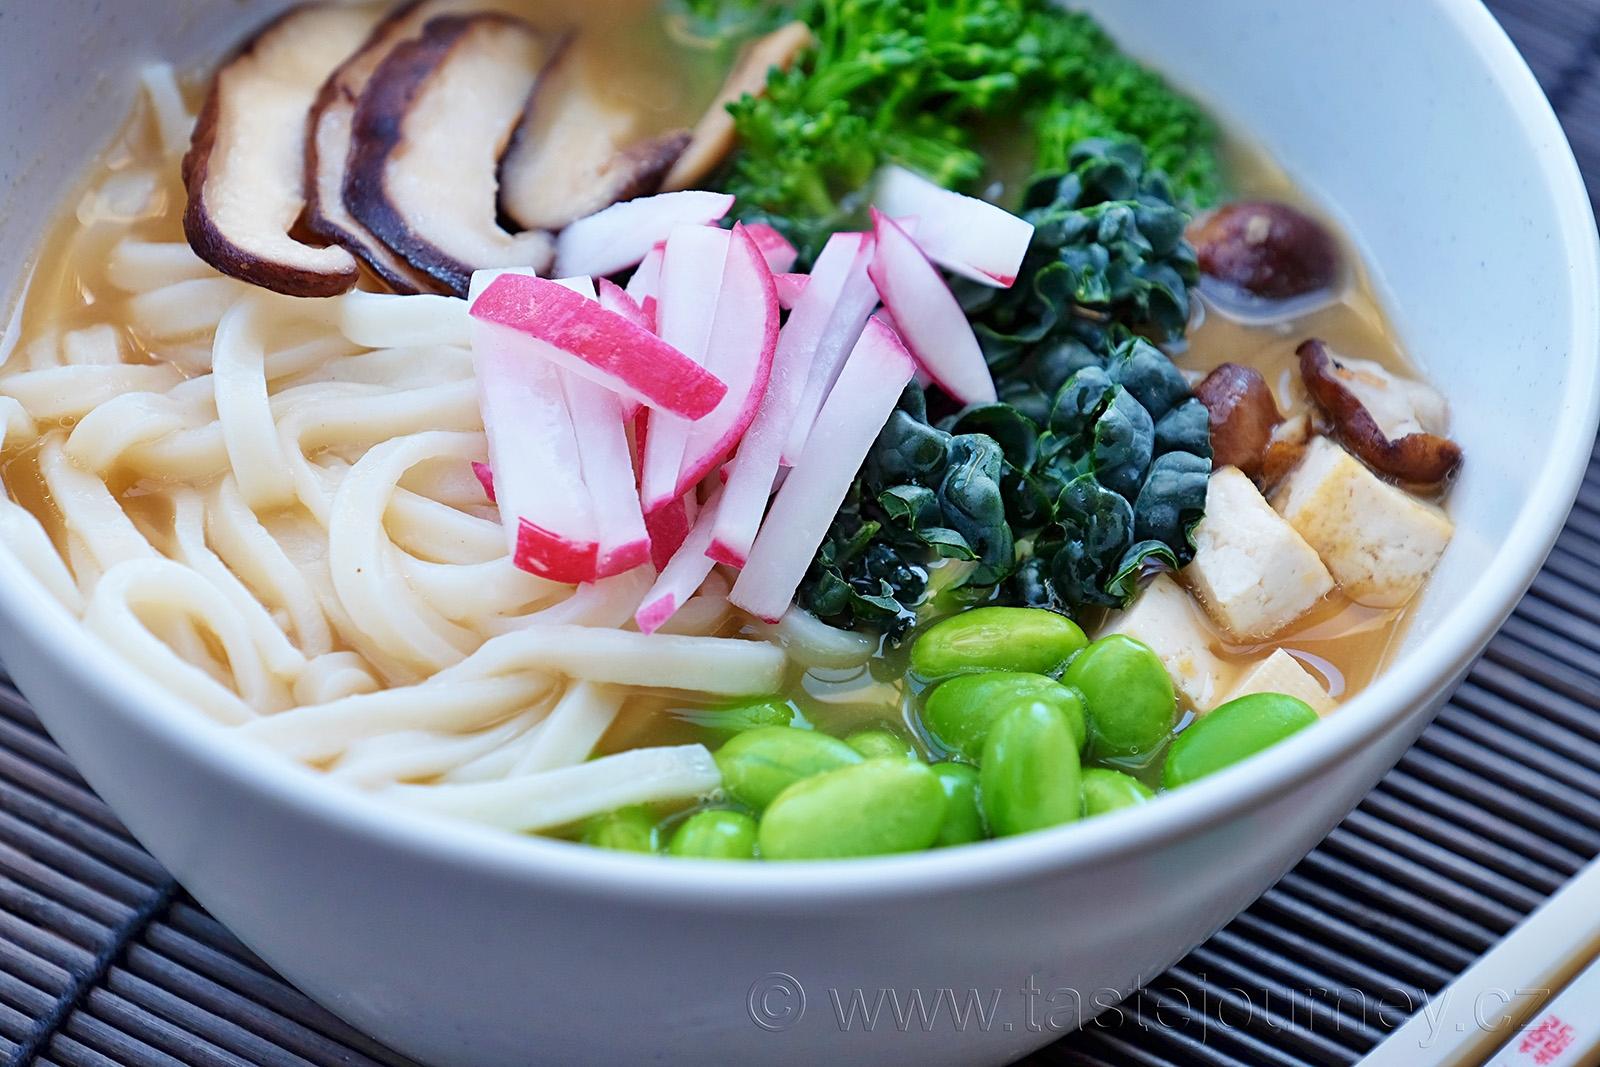 Ředkvička, brokolice, kadeřávek, edamame a shiitake v miso polévce